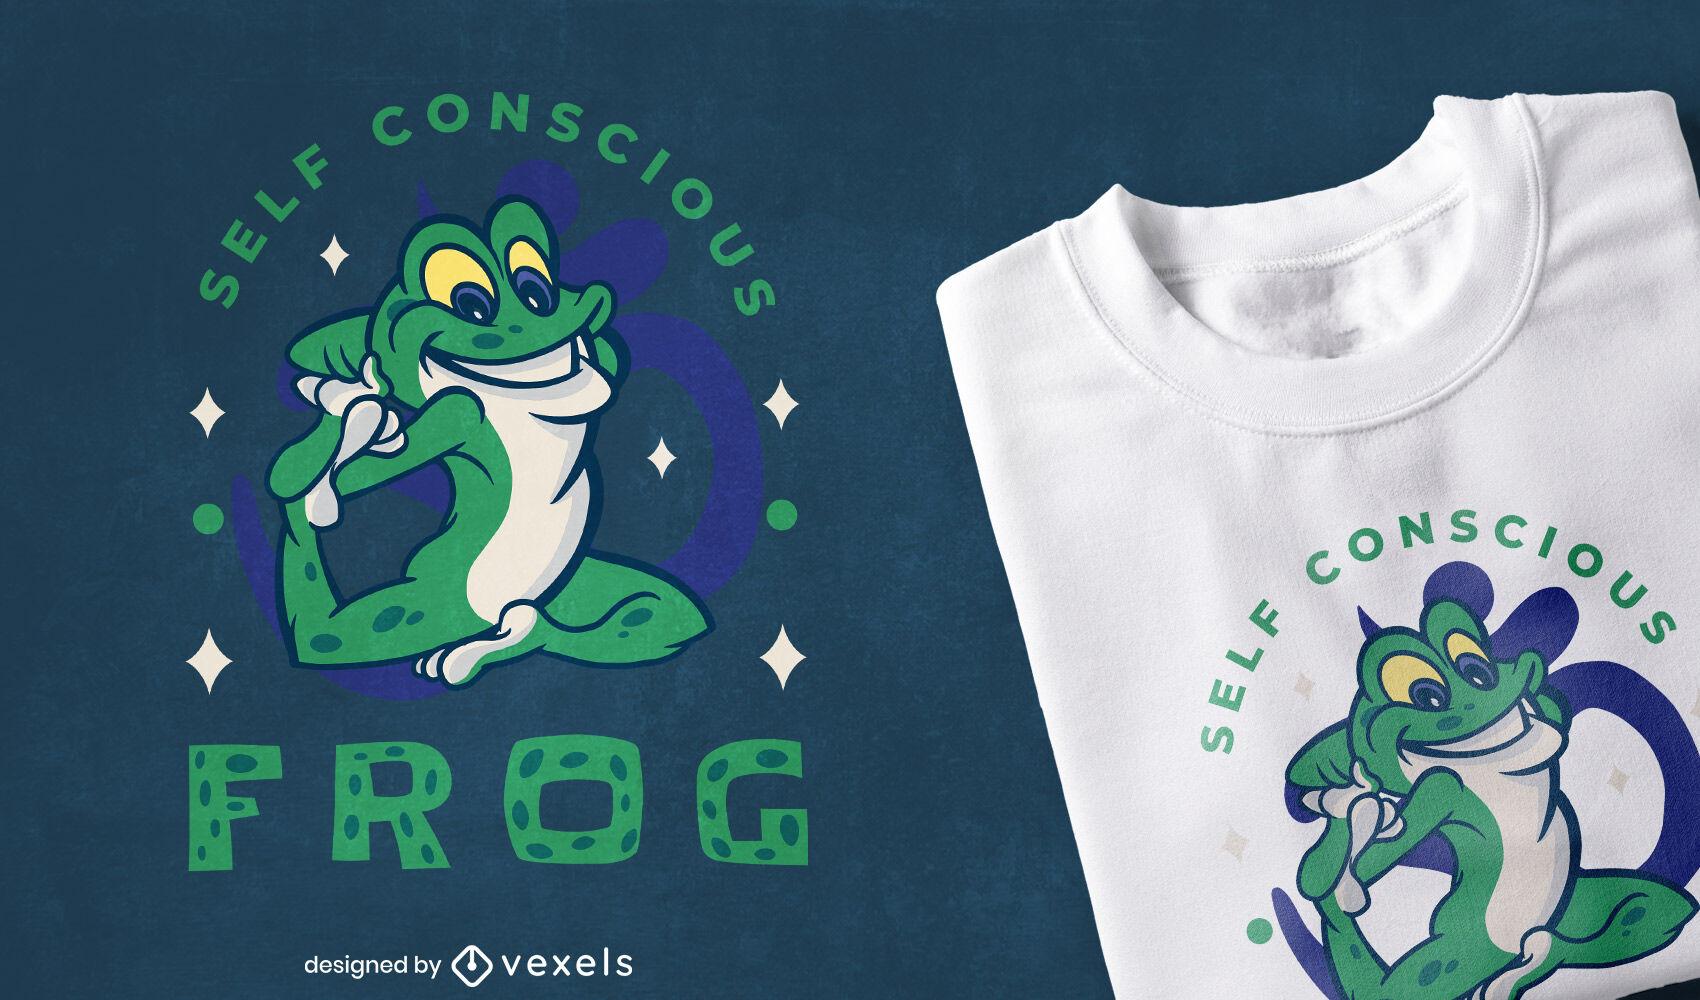 Frog animal yoga pose t-shirt design